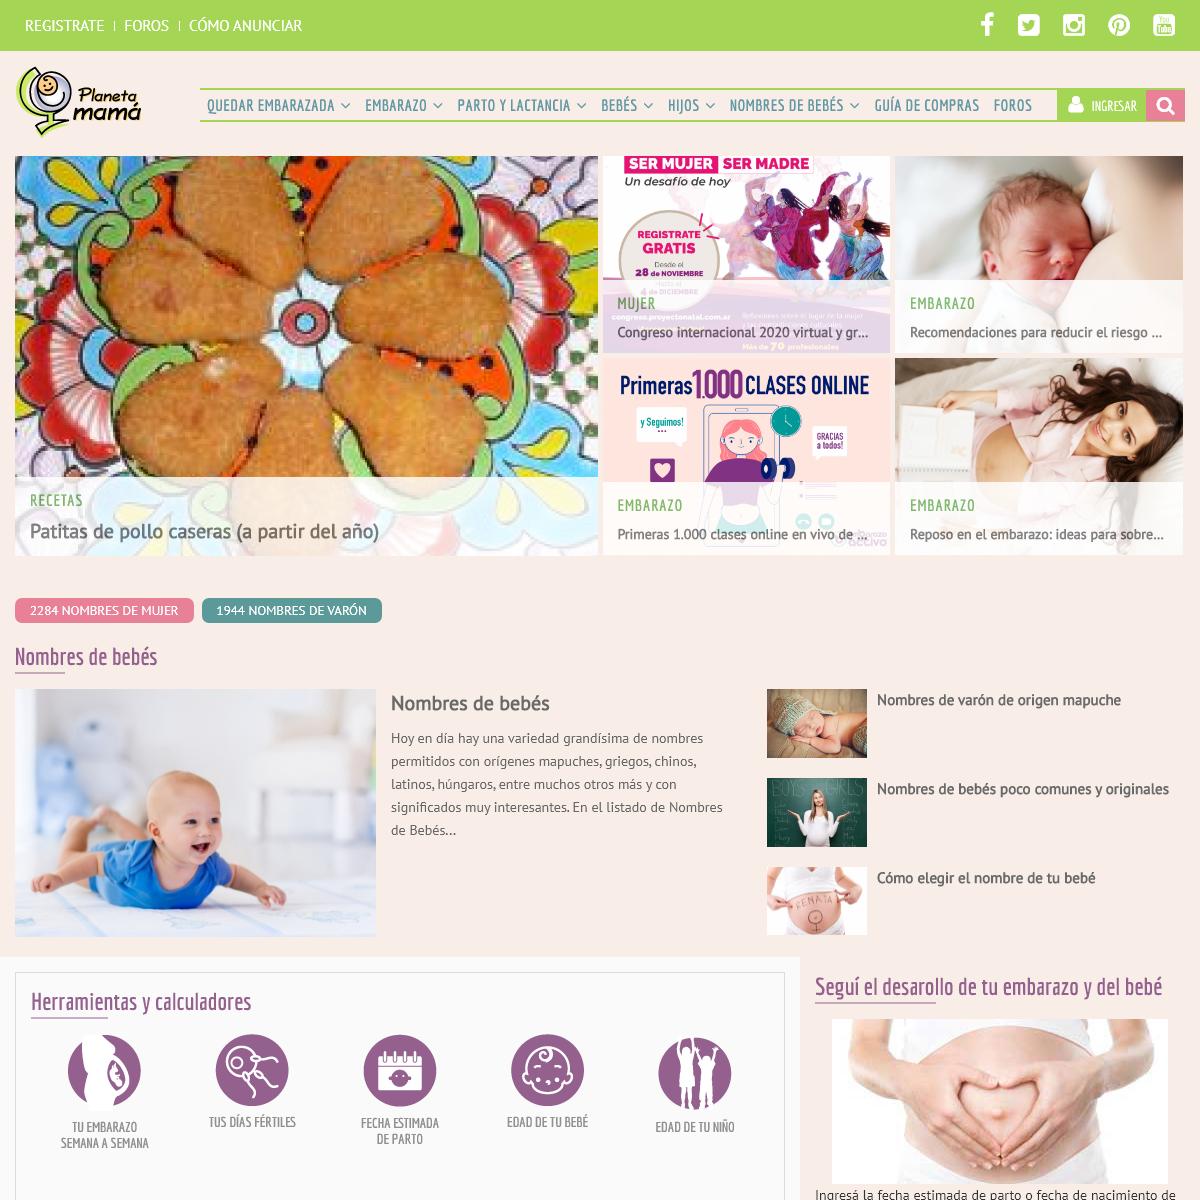 Nombres de bebes, calendario de embarazo , Bebe, Embarazo, Fertilidad, Embarazada - Planeta Mamá